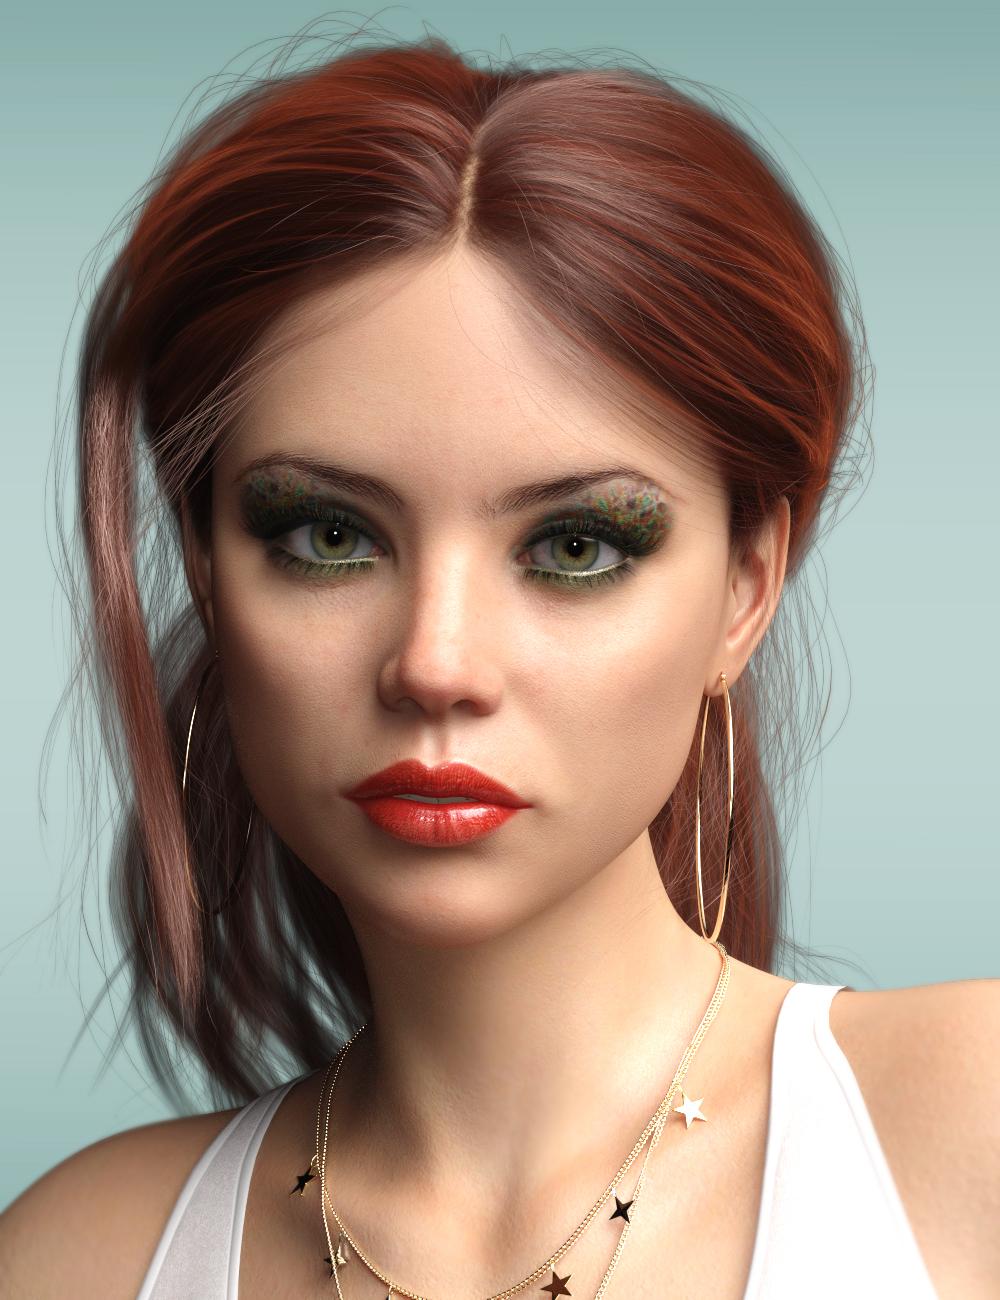 P3D Paige HD for Genesis 8 Female by: P3Design, 3D Models by Daz 3D